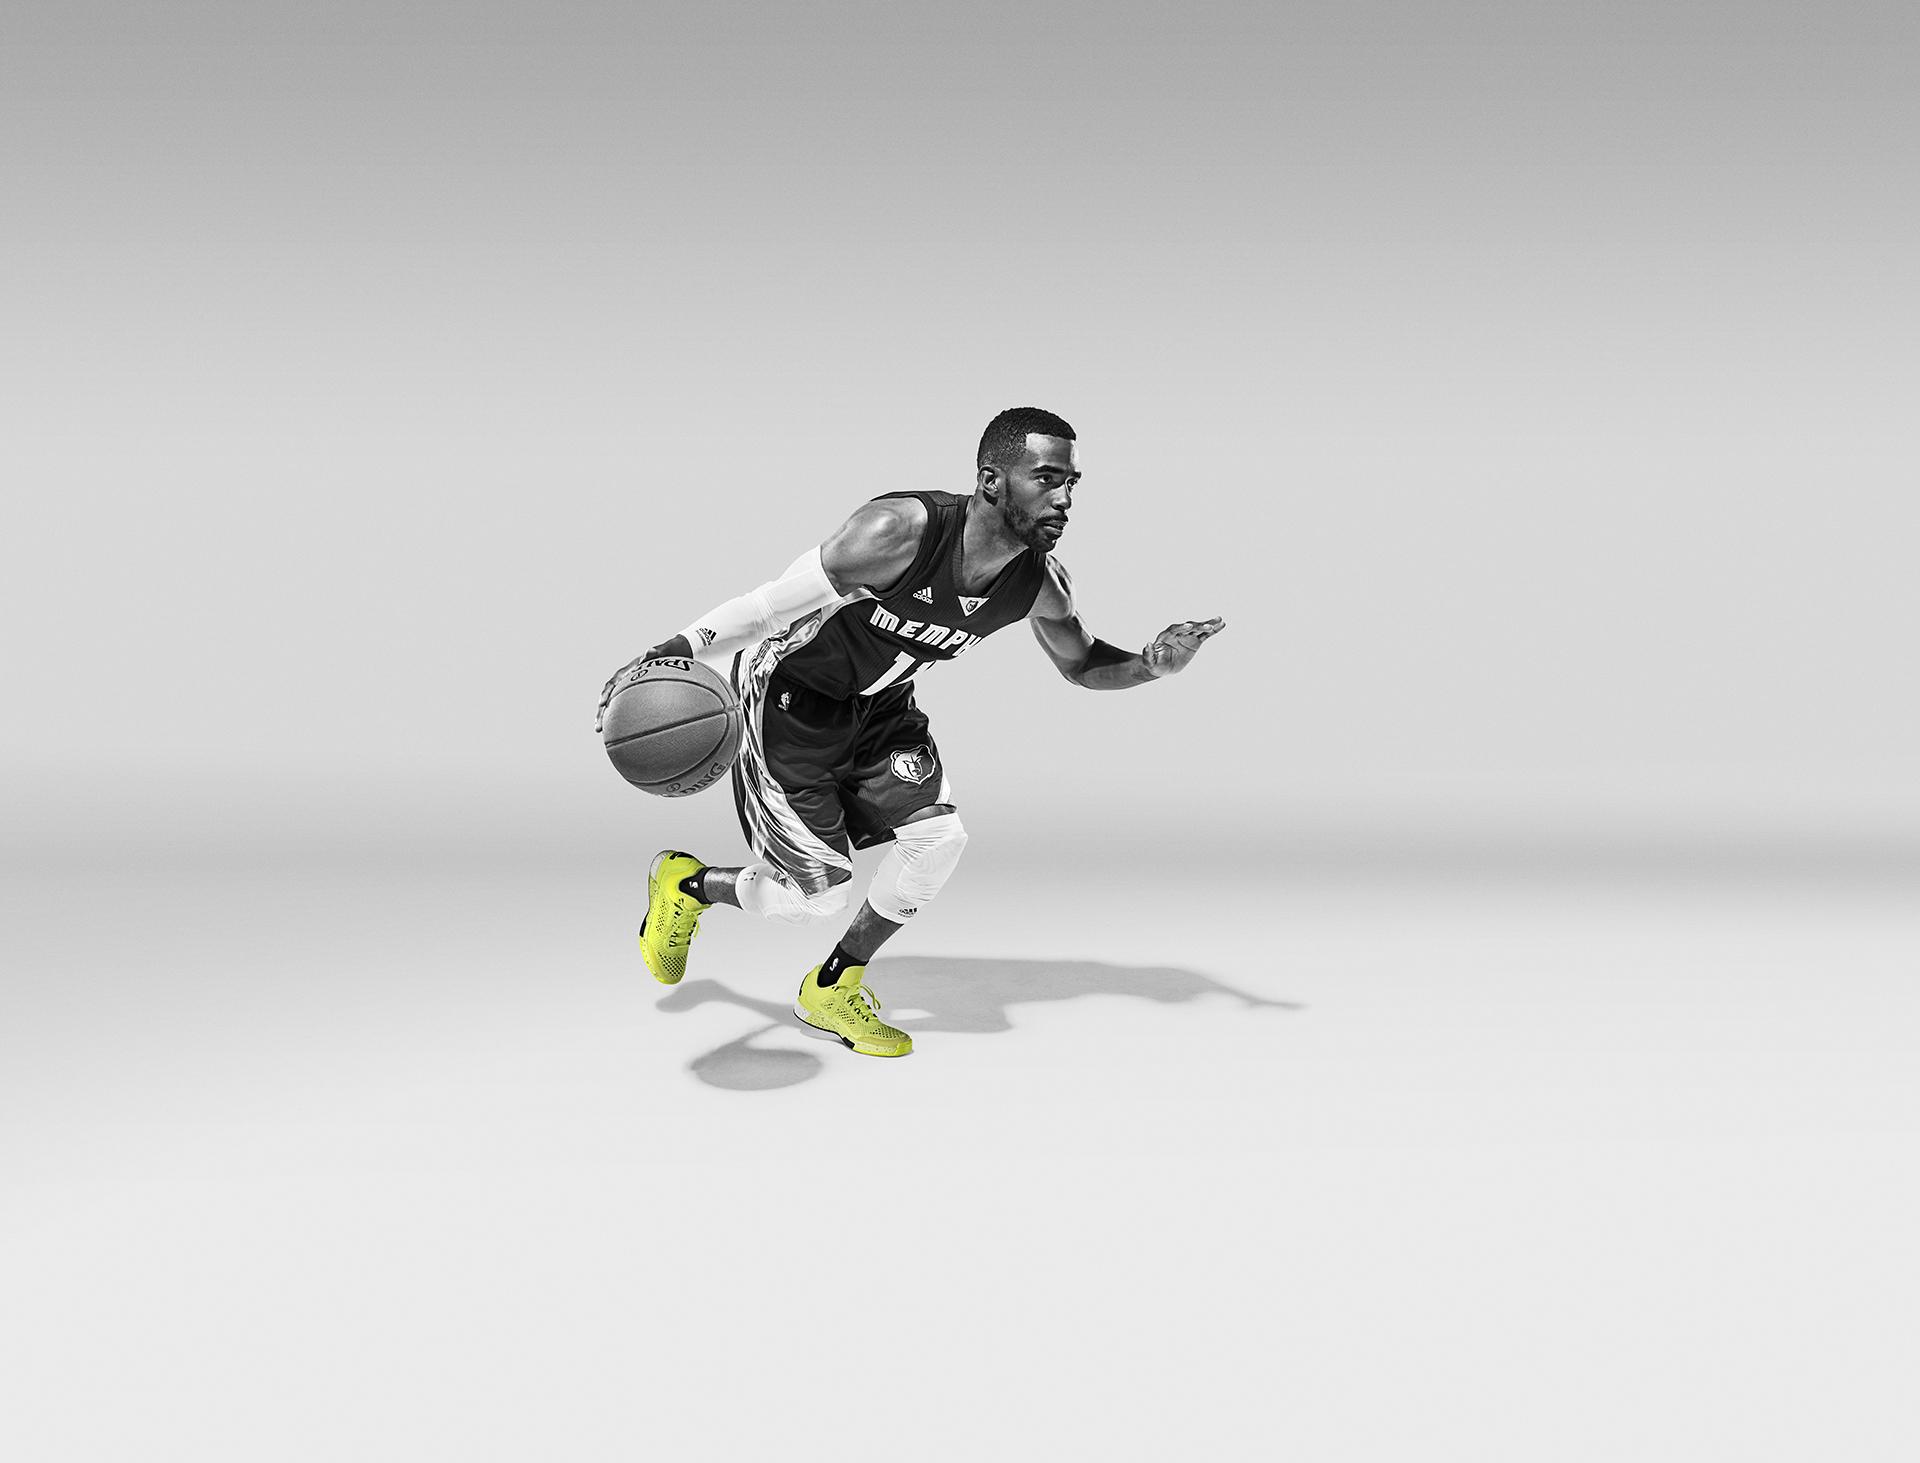 AdidasBoostShoot_MikeConley.jpg